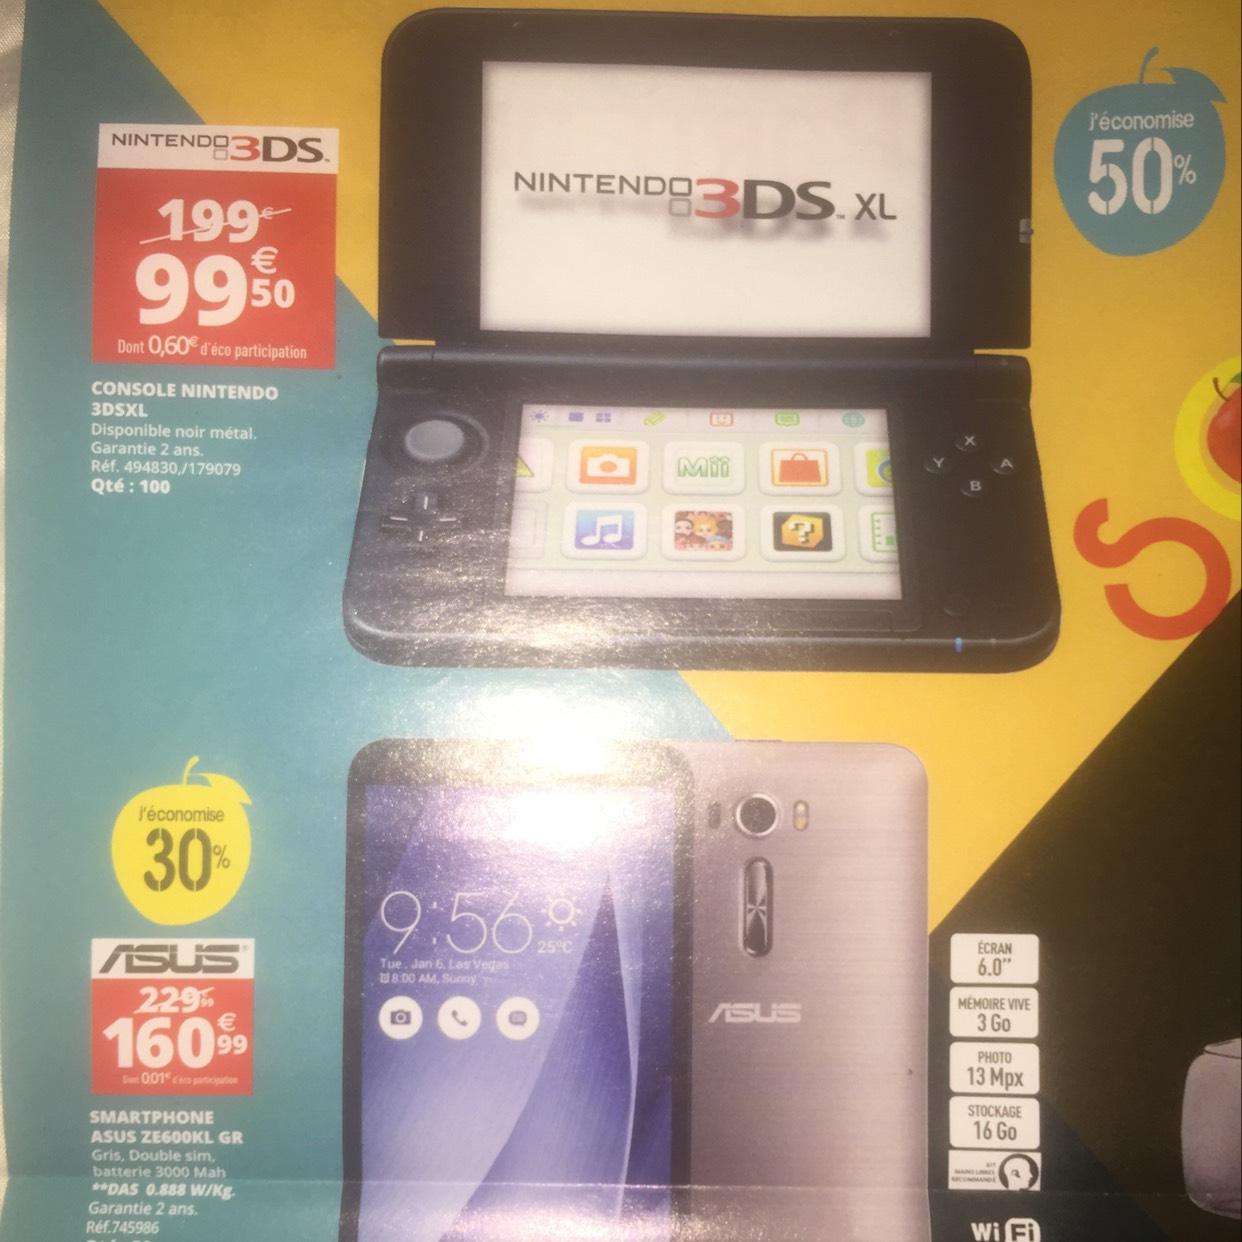 Console Nintendo New 3DS XL - Saint-Priest (69)